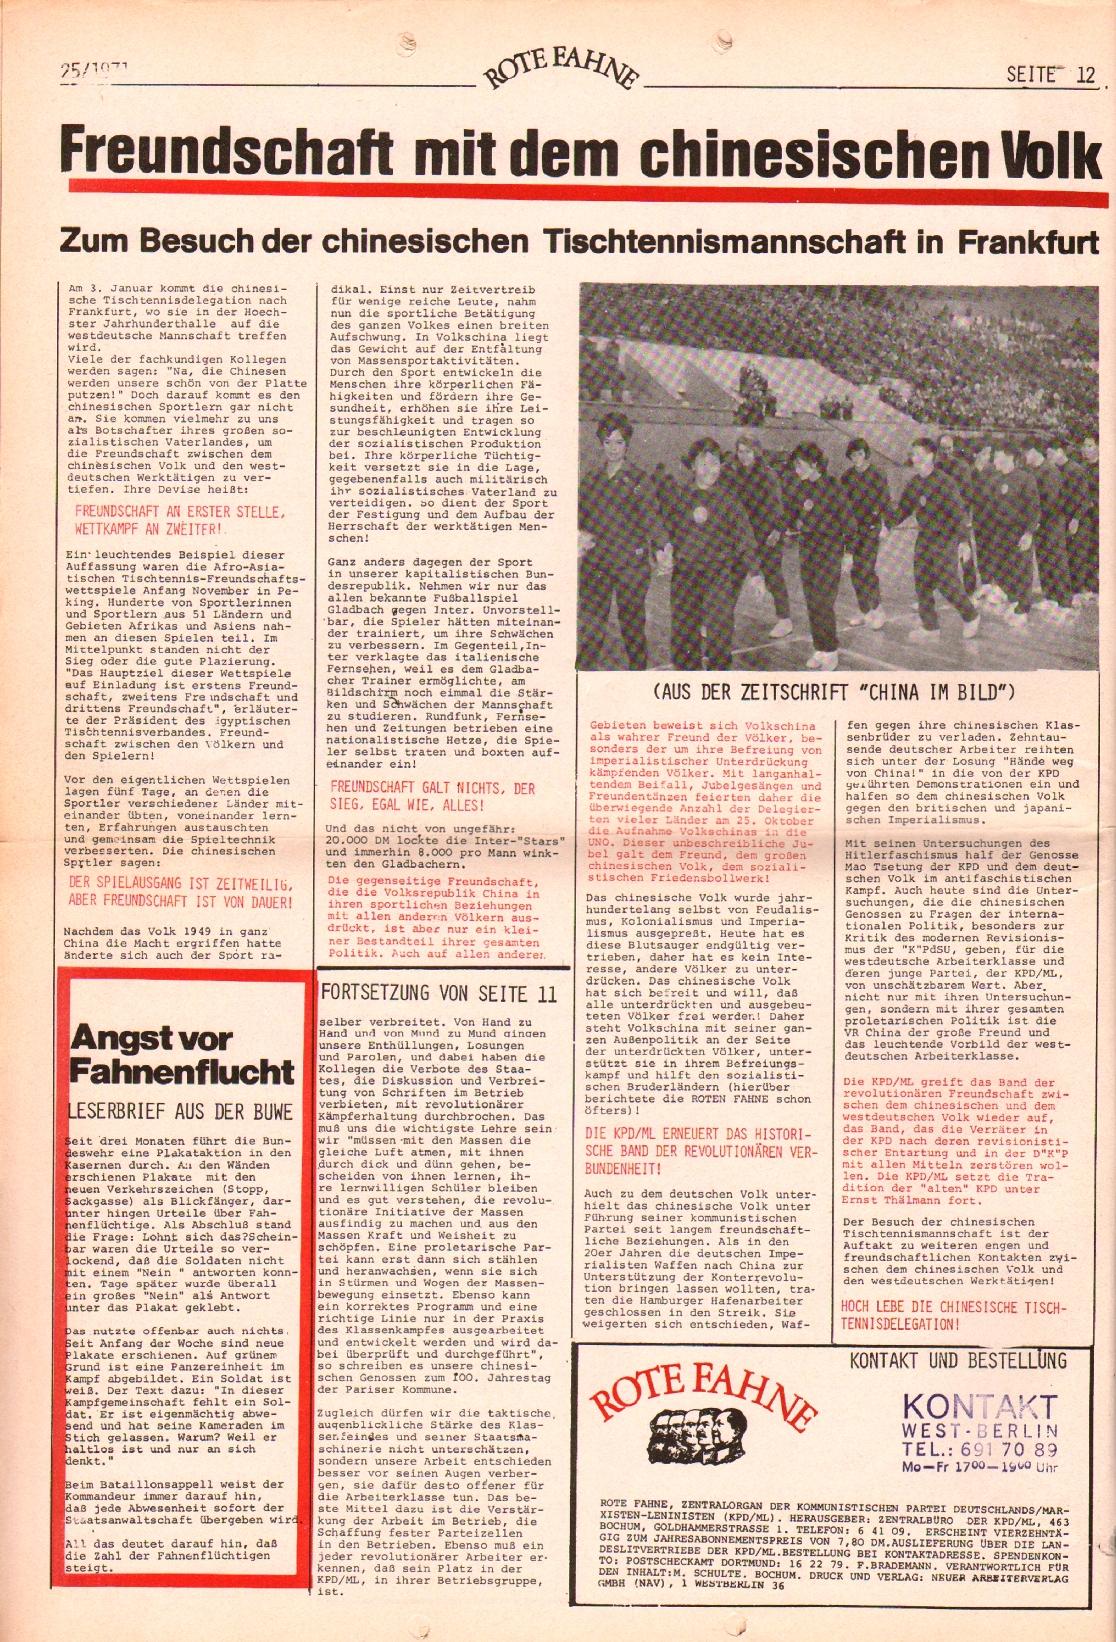 Rote Fahne, 2. Jg., 20.12.1971, Nr. 25, Seite 12